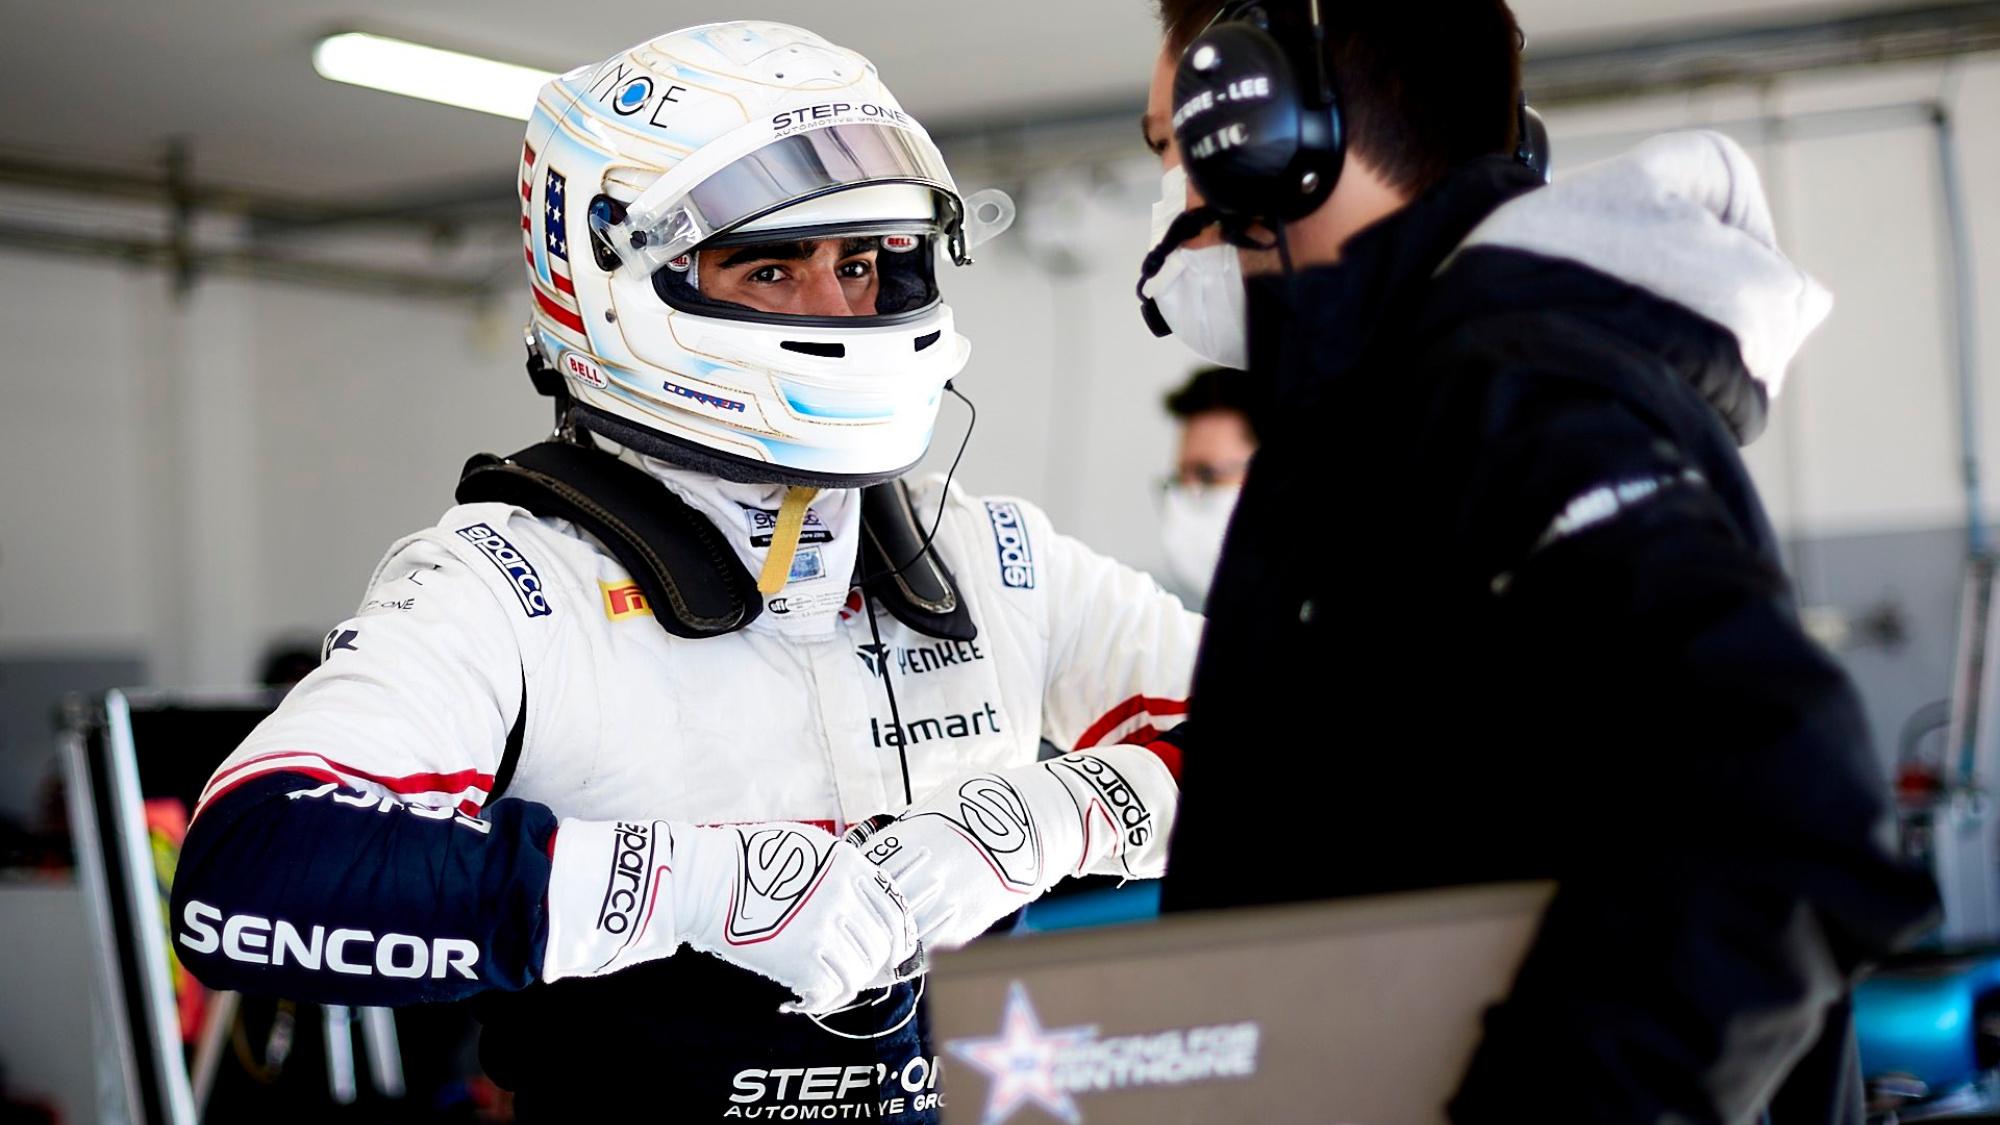 Juan Manuel Correa F3 Test